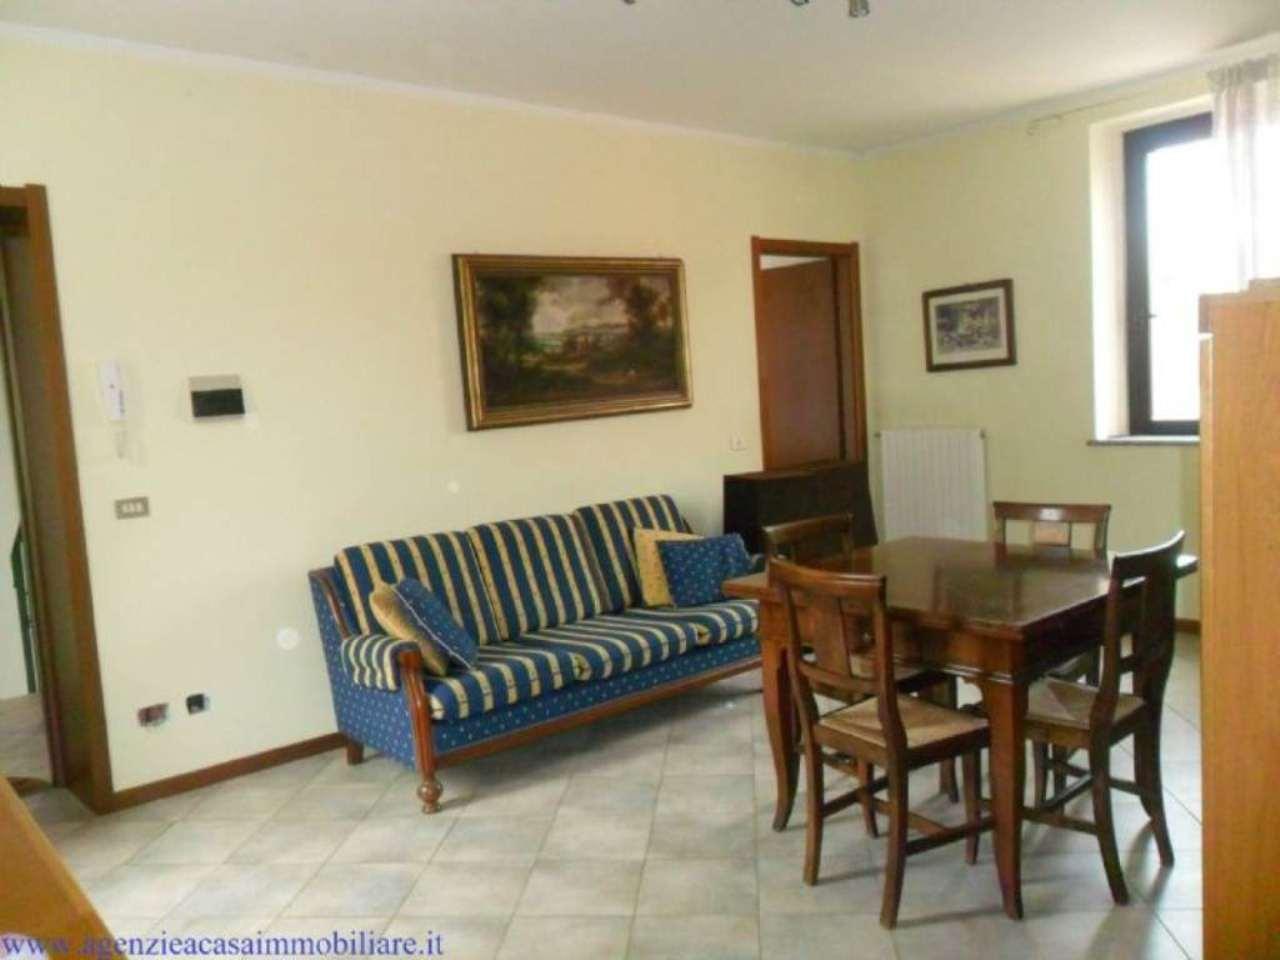 Appartamento in vendita a Medesano, 3 locali, prezzo € 69.000 | Cambio Casa.it